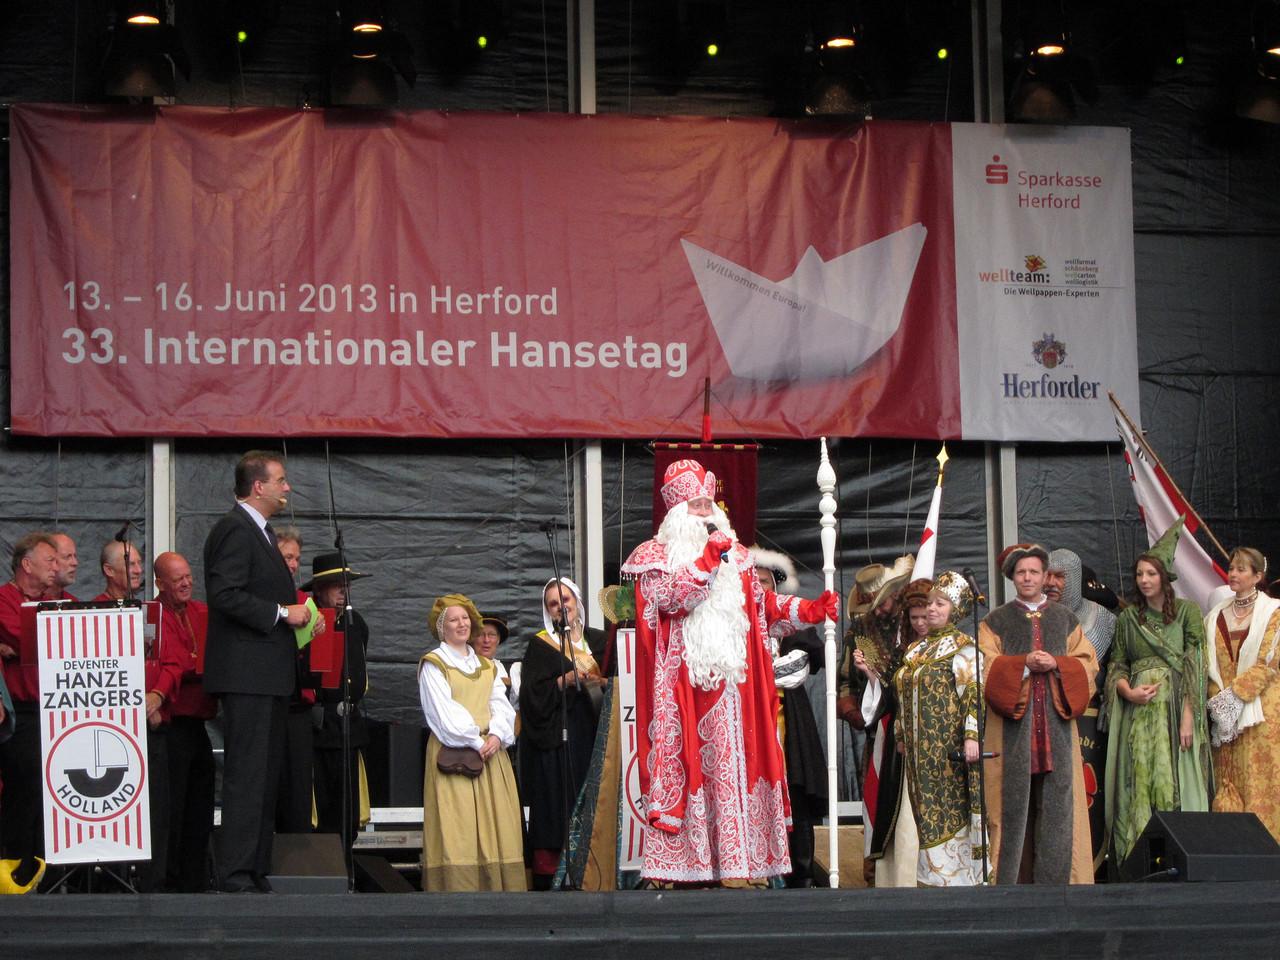 Eröffnung der Hansetage - Bühne Rathausplatz -